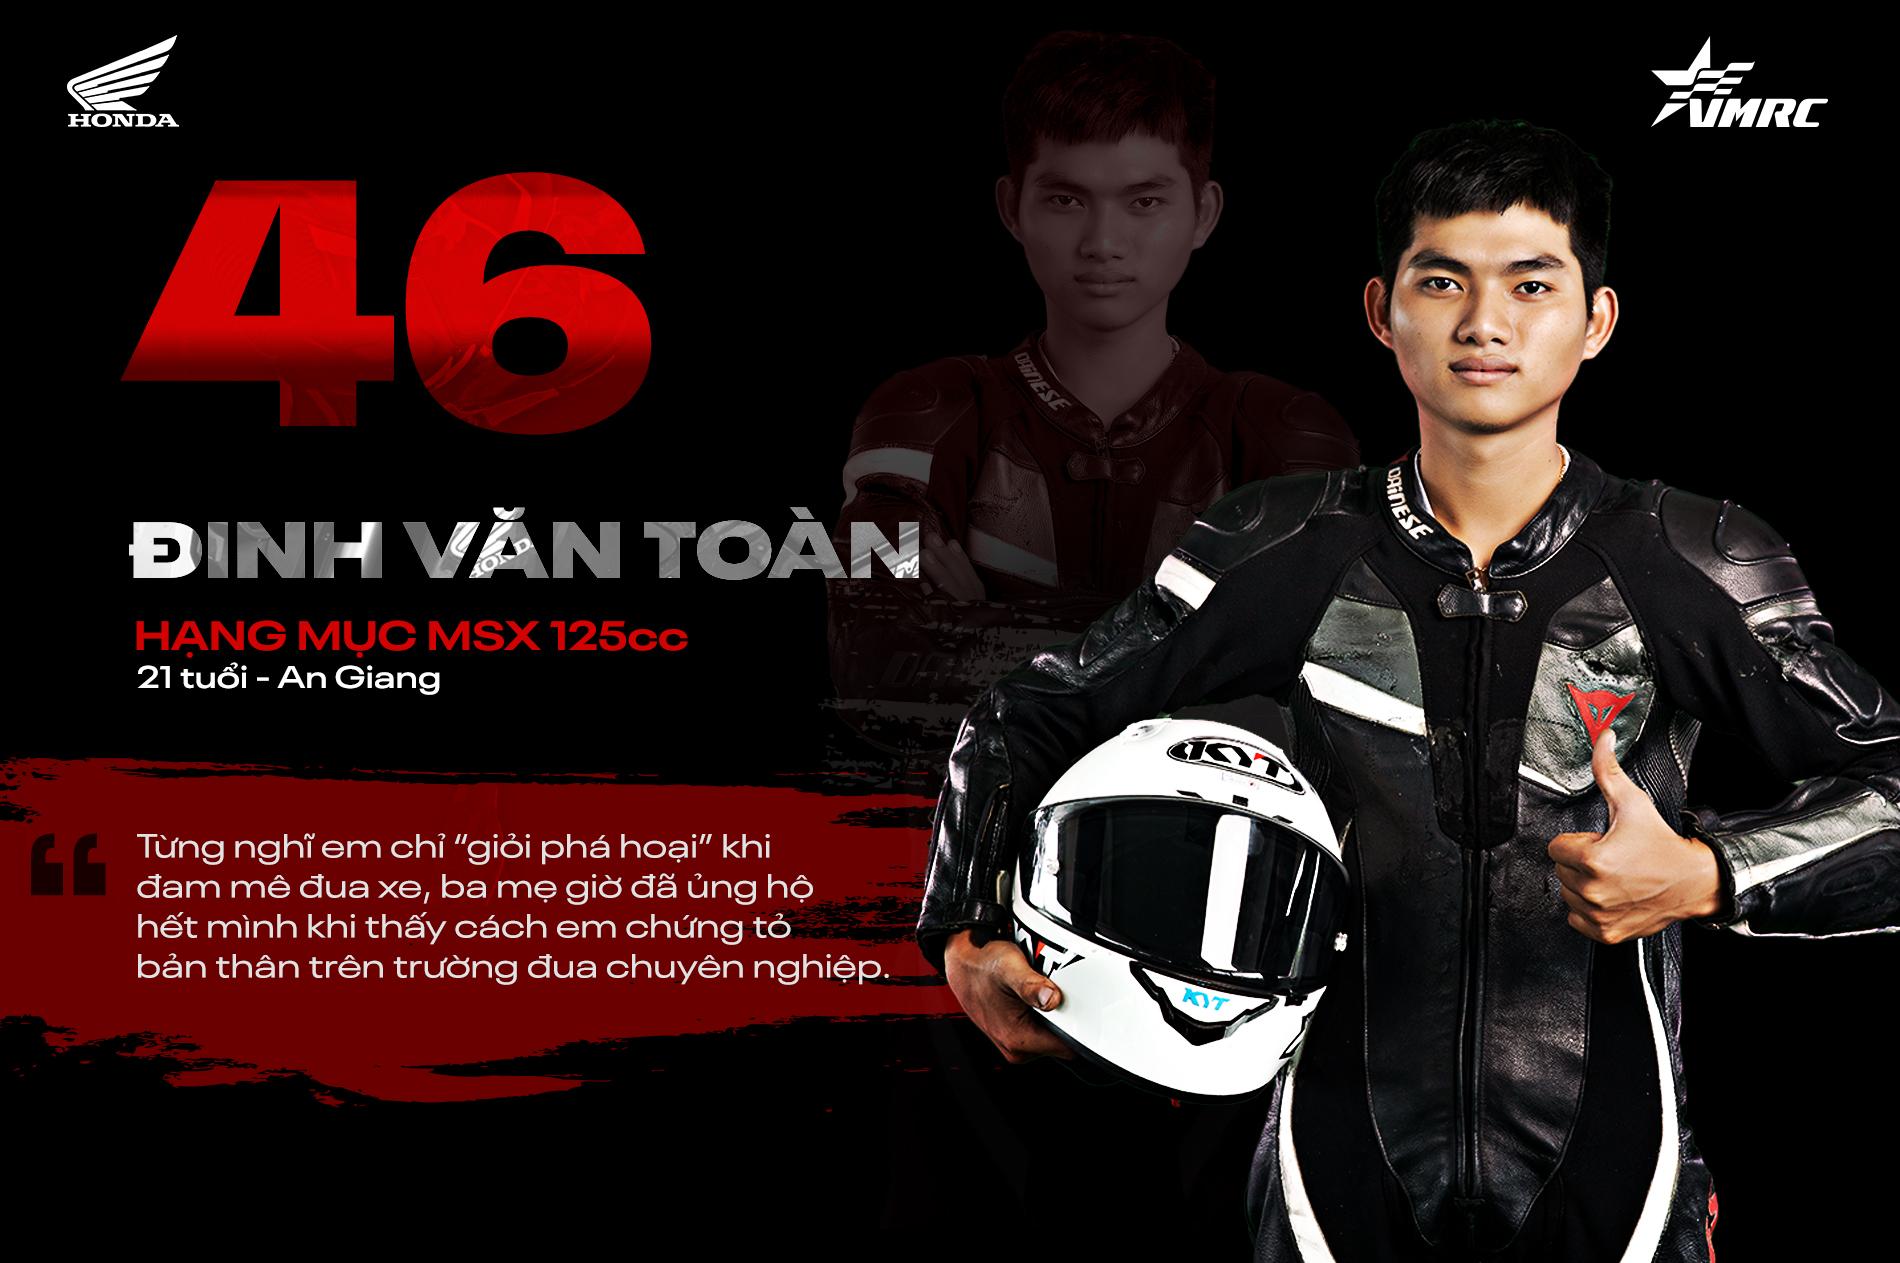 msx125cc-dinh-van-toan.jpg